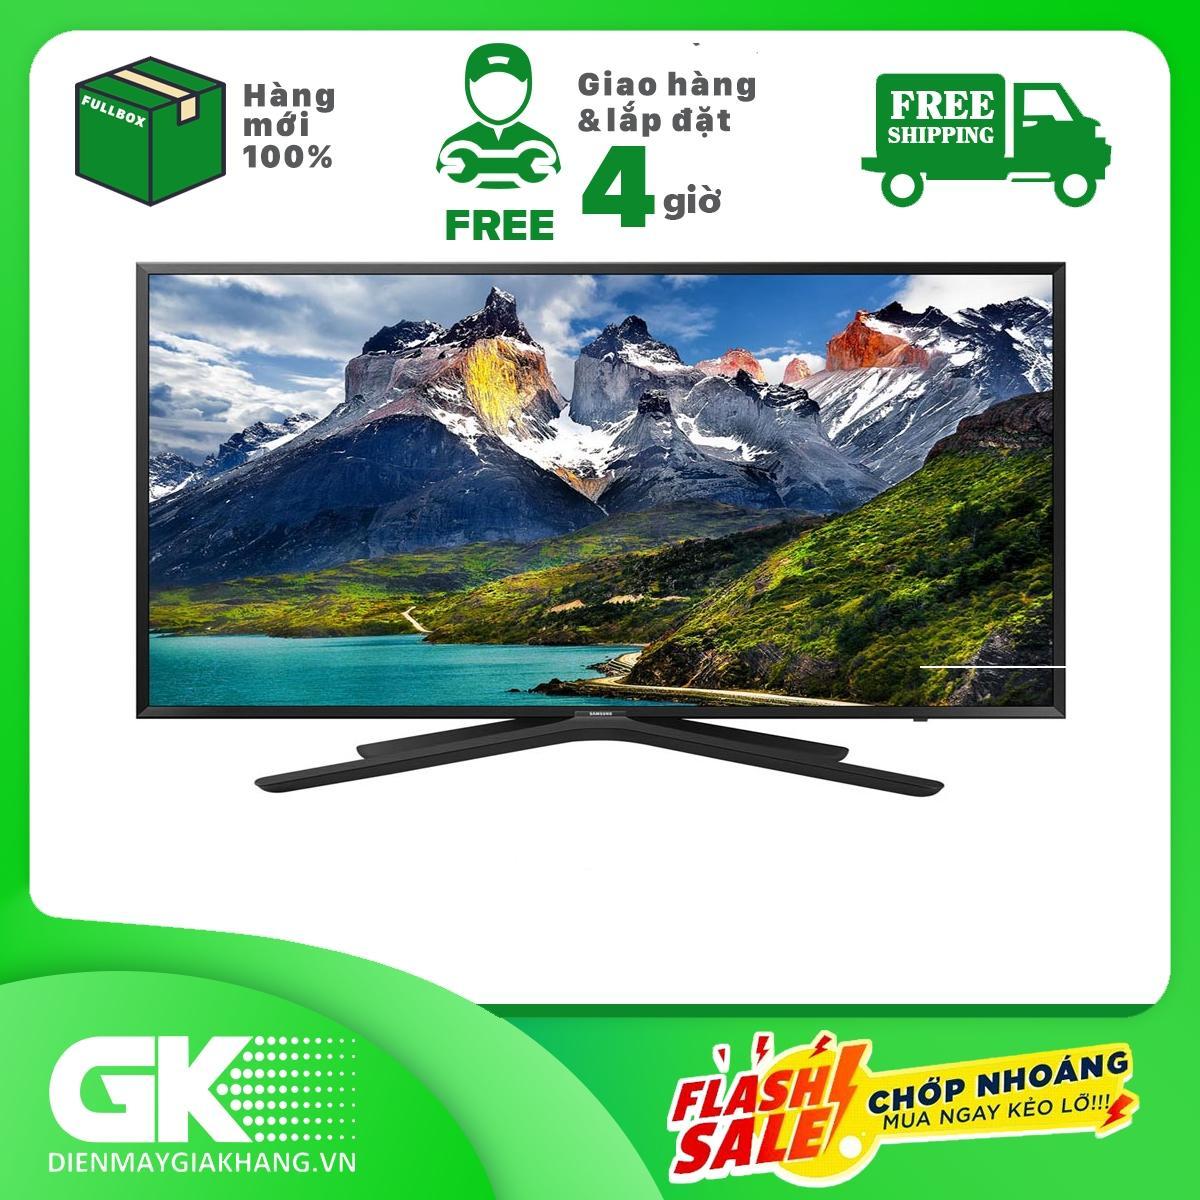 Bảng giá Smart Tivi Samsung Full HD 43 inch 100W UA43N5500 - Công nghệ Contrast Enhancer - PurColor - Hệ điều hànhTizen - Bảo hành 2 năm